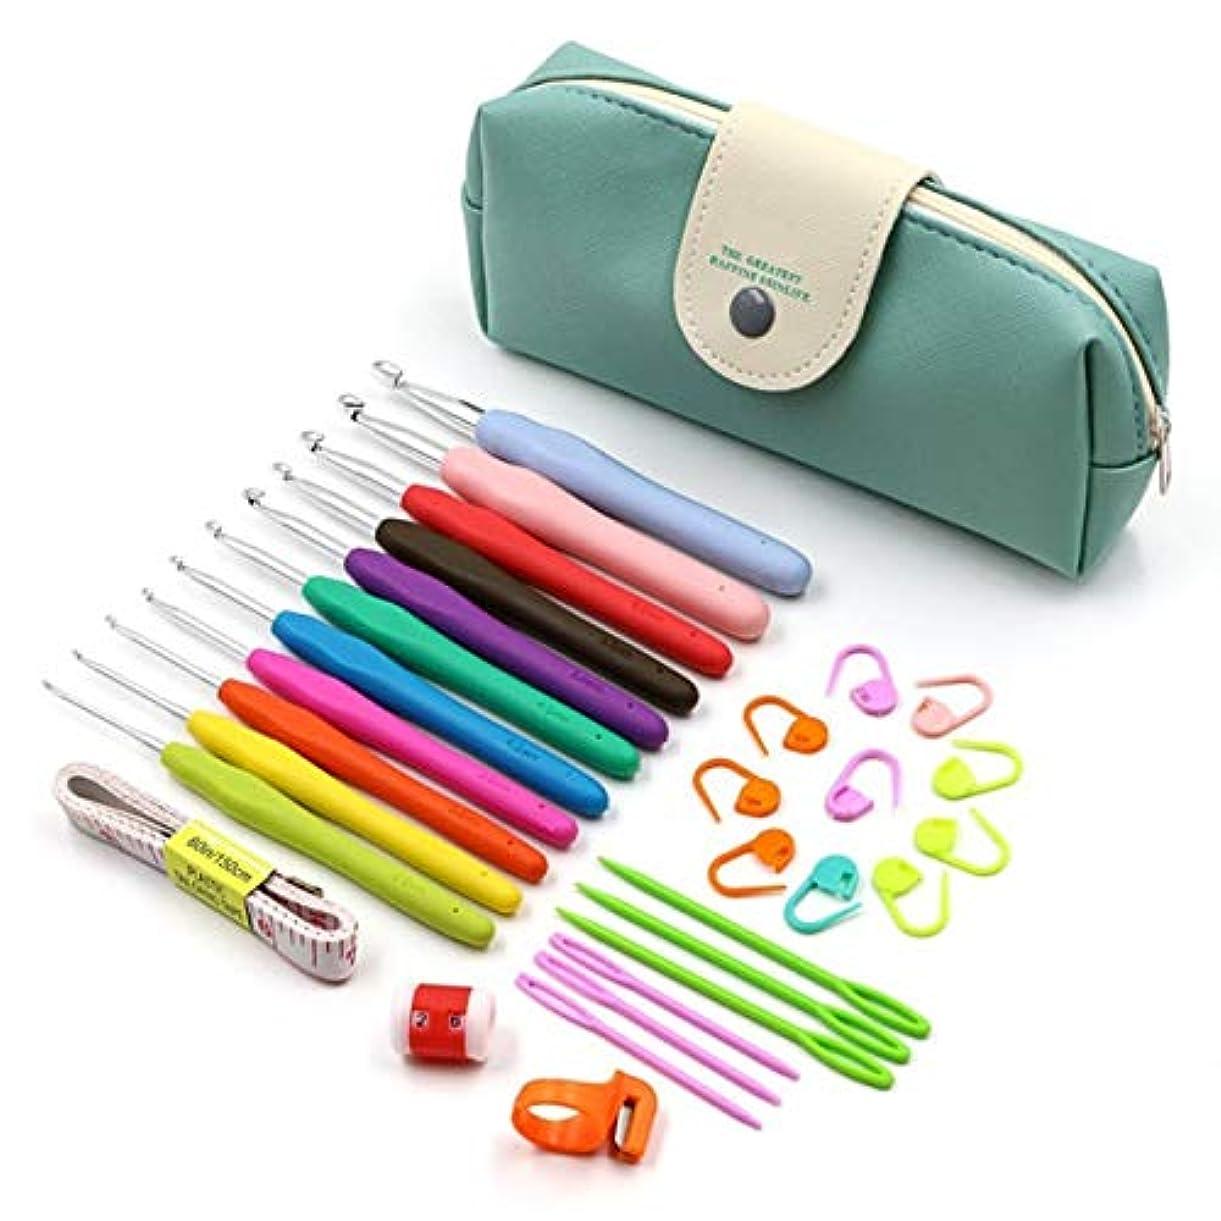 特定の特定の振るうSaikogoods ソフトハンドル 収納袋付きアルミかぎ針編みのフックキット 糸編み物針 裁縫ツール 人間工学に基づいたグリップセット 多色